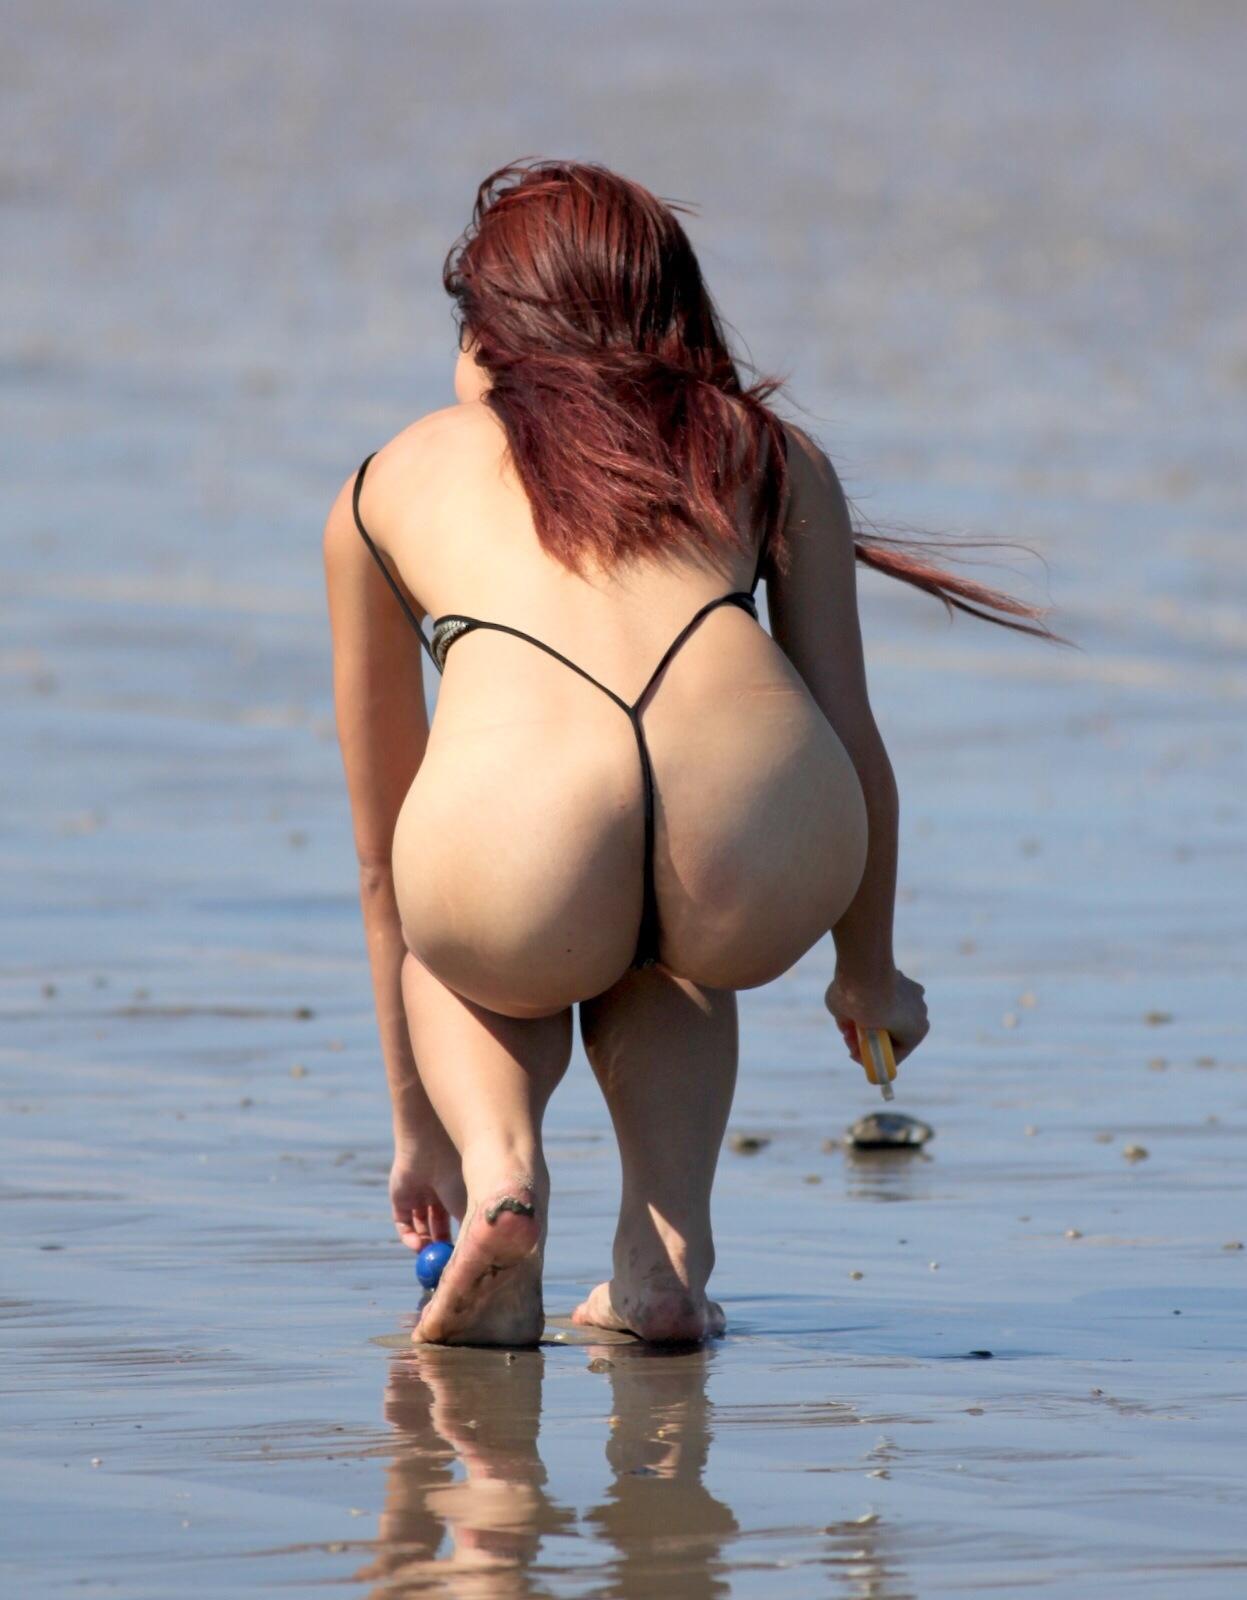 ヌーディストビーチ化した国内ビーチに現れる露出狂のエロ画像33枚・3枚目の画像